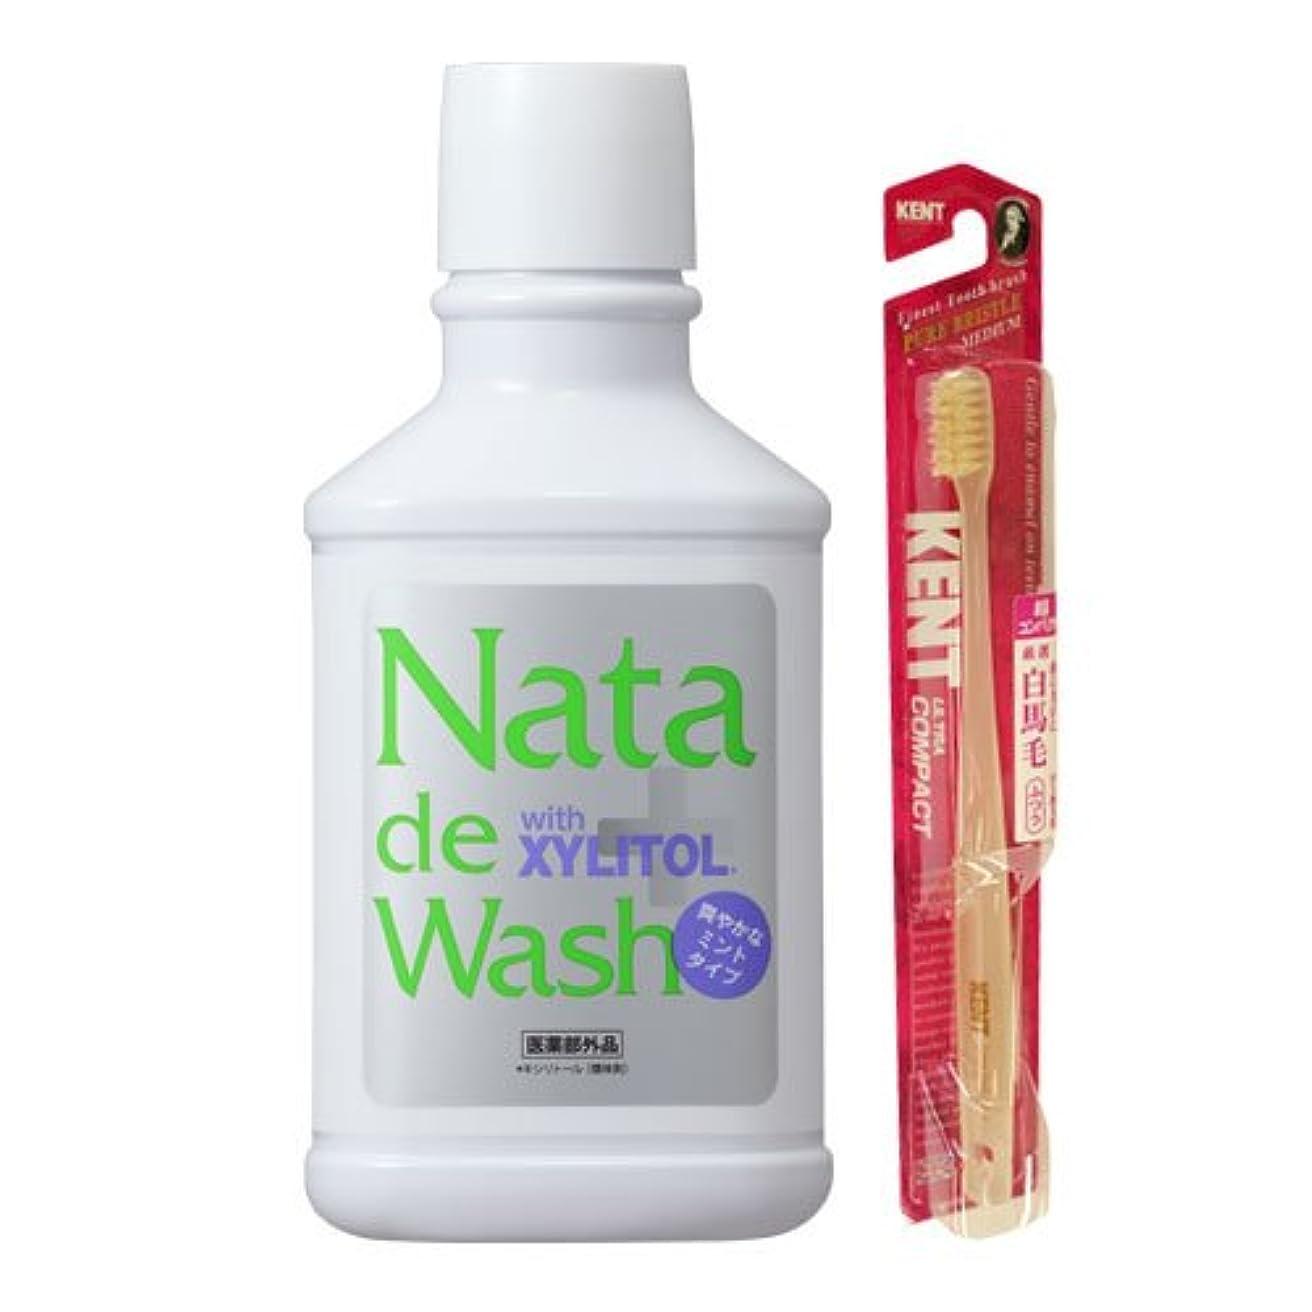 ところで初心者年齢薬用ナタデウォッシュ 爽やかなミントタイプ 500ml 1本& KENT歯ブラシ1本プレゼント